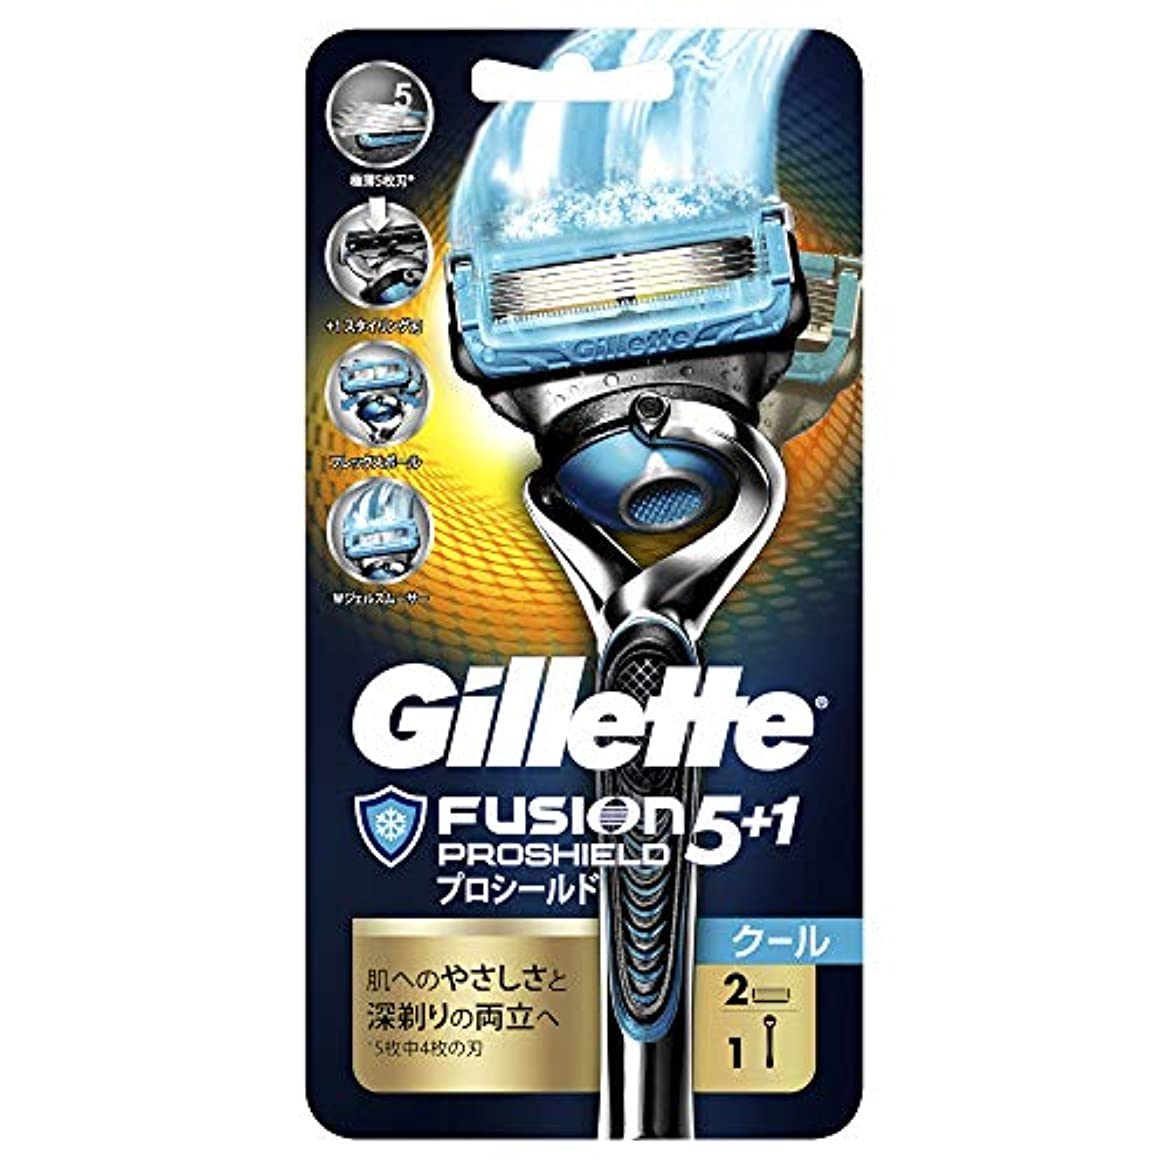 維持するあえて会議ジレット 髭剃り フュージョン5+1 プロシールド クール 本体 替刃1個付